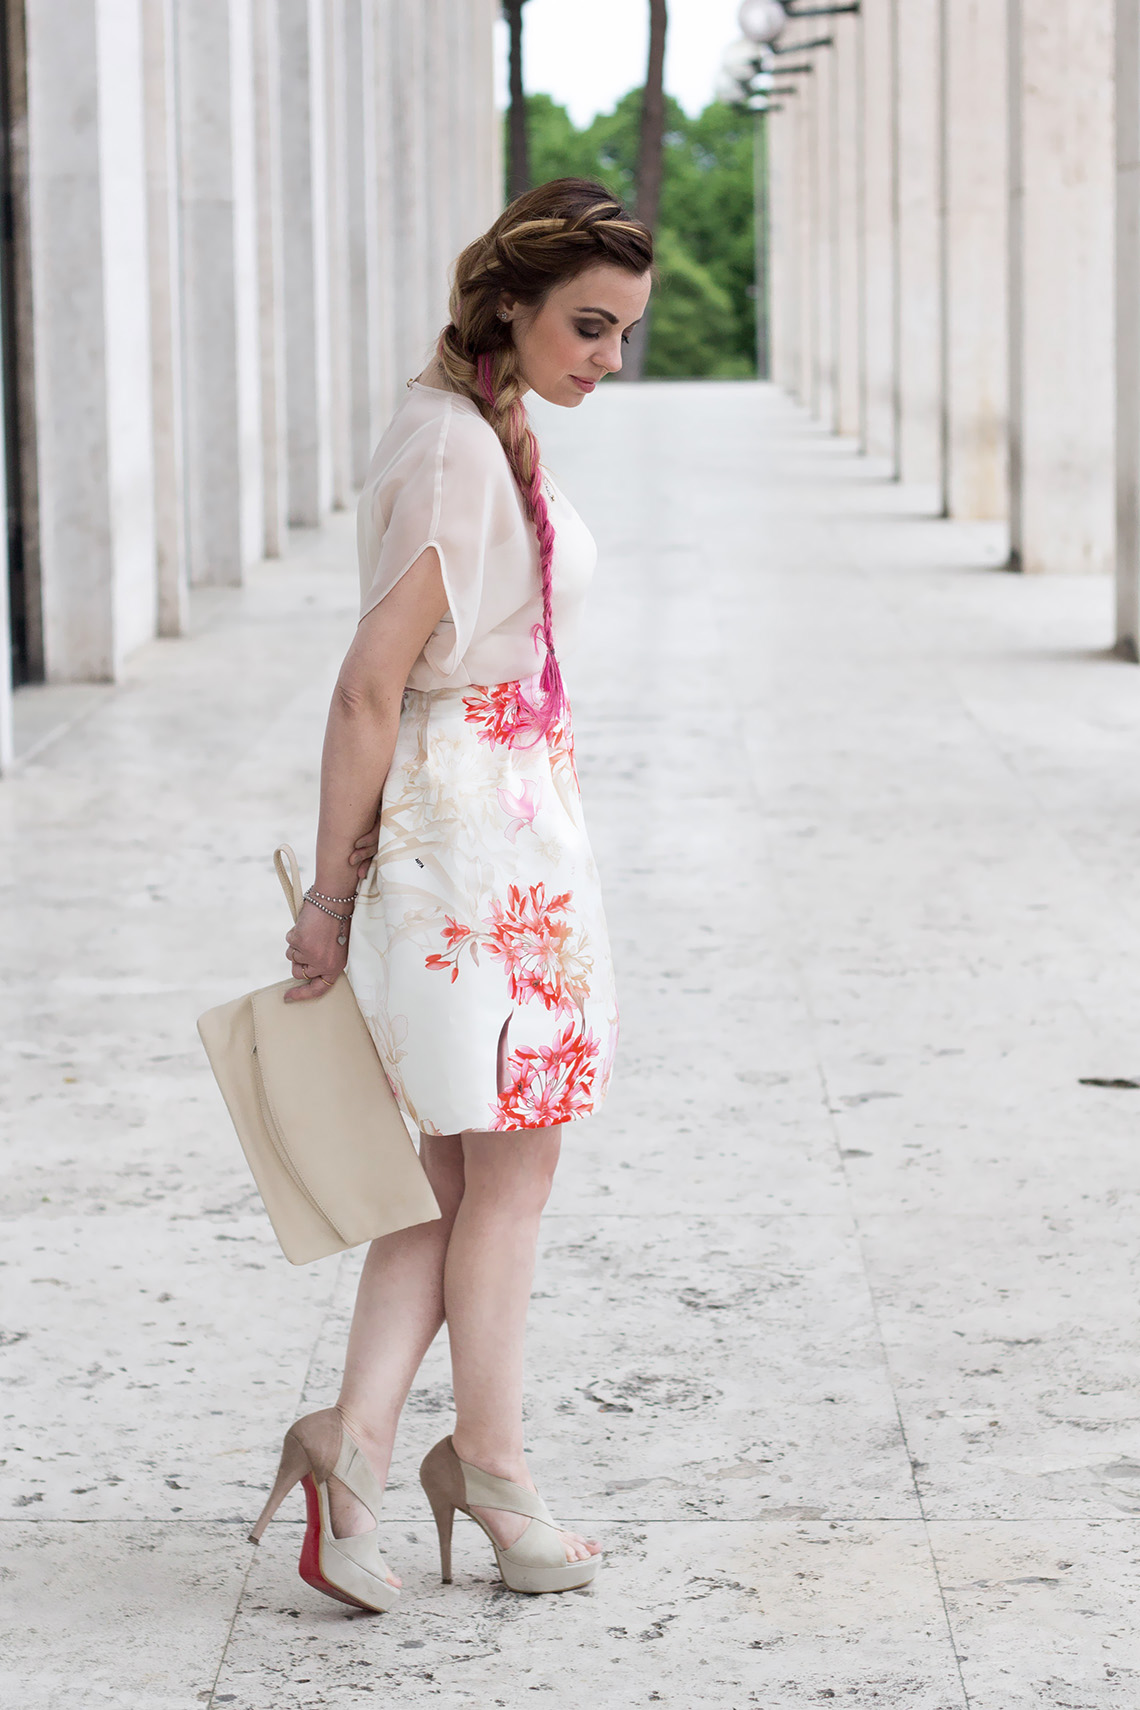 come_vestirsi_per_una_cerimonia_dressing_and_toppings_9_26835829155_o